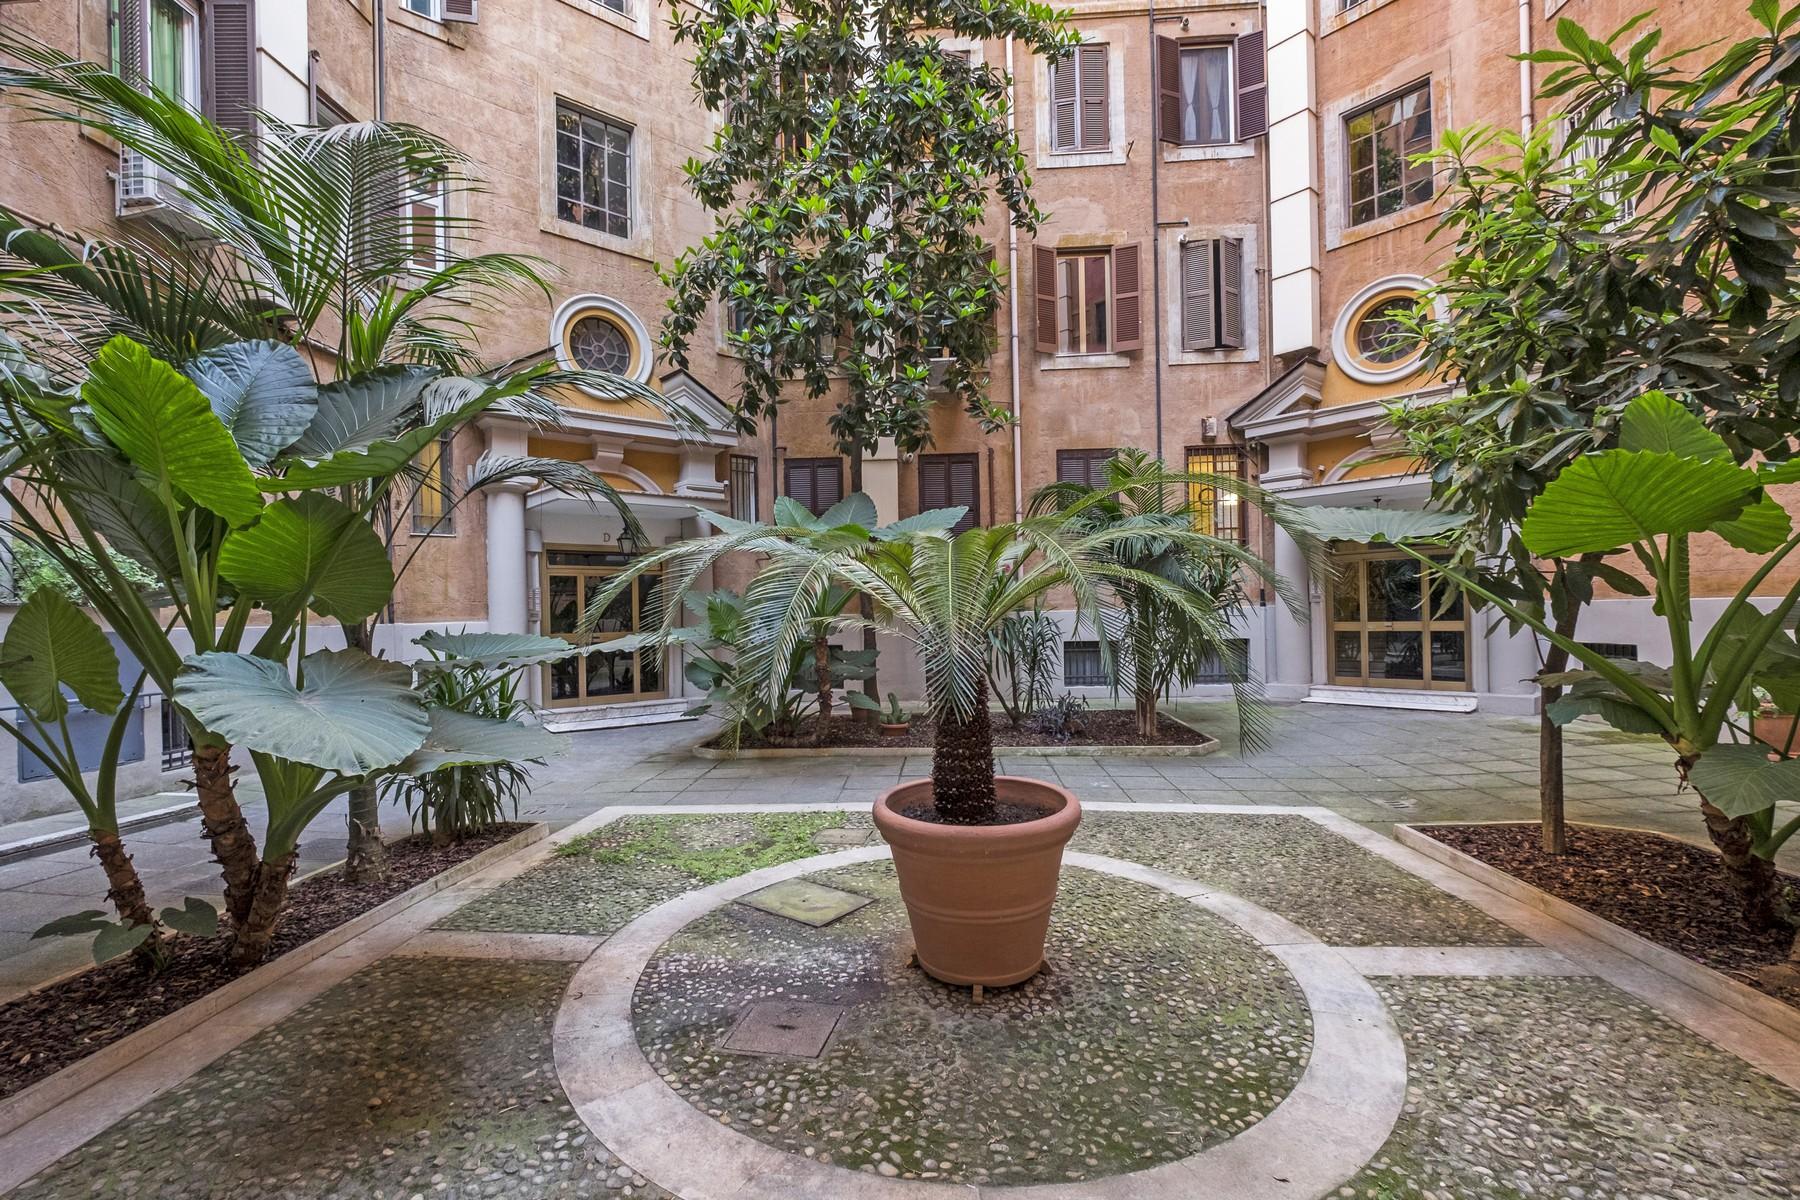 Appartamento di lusso in vendita a roma via viale eritrea trovocasa pregio w6247069 - Appartamento in vendita citta giardino roma ...